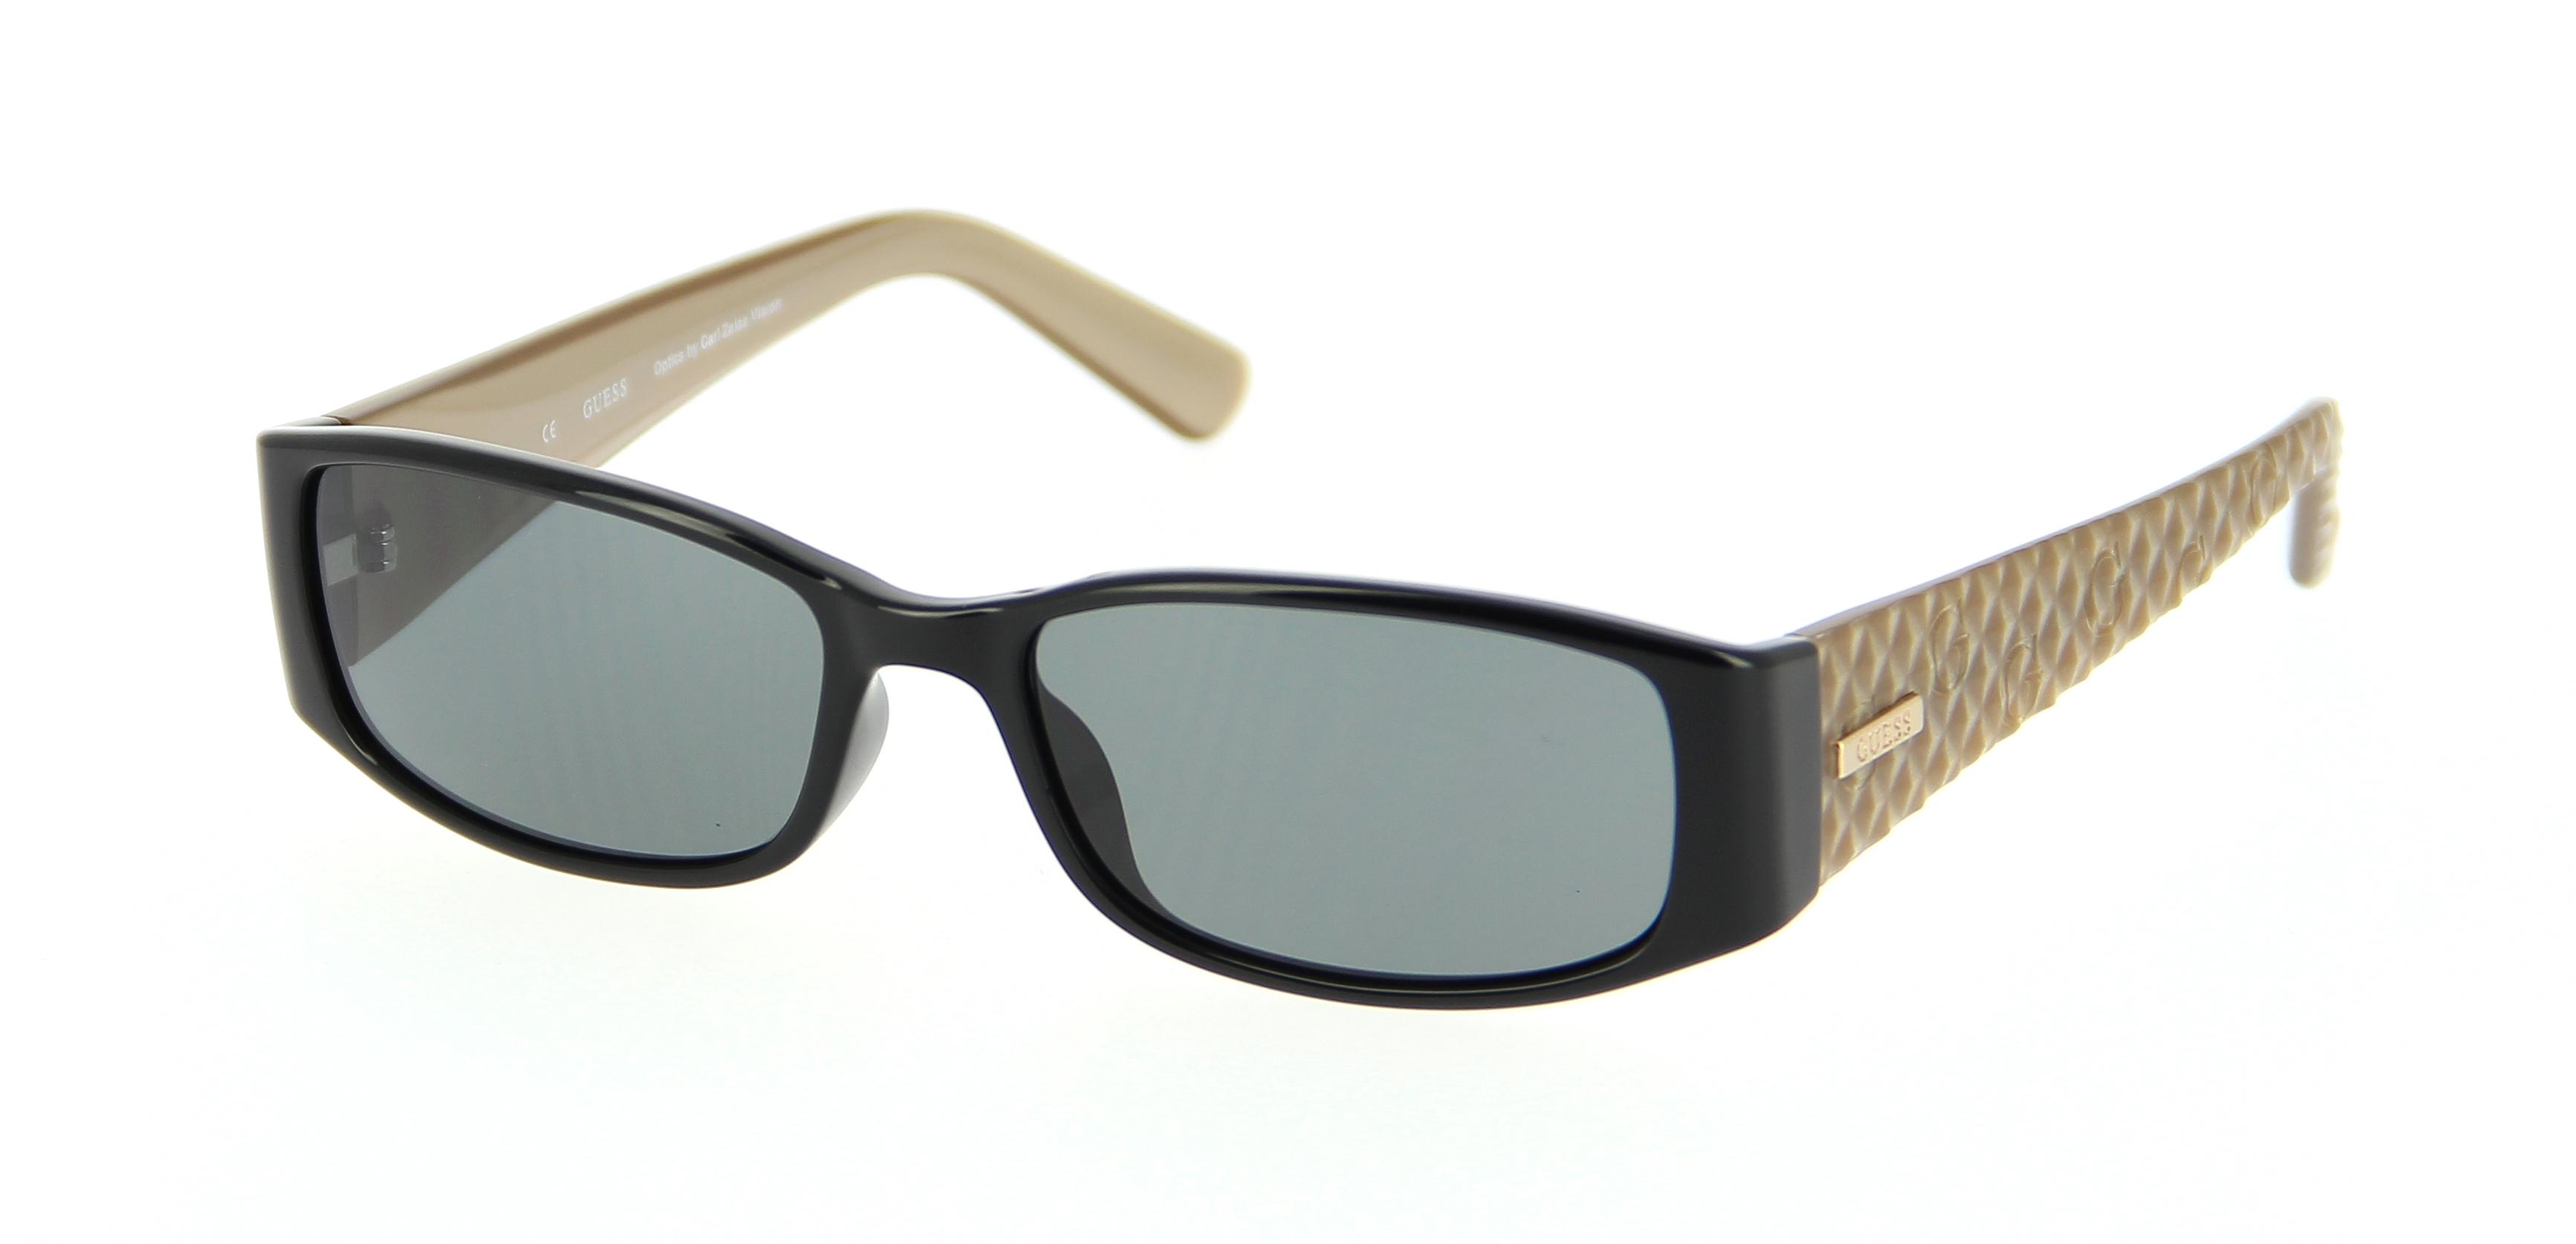 lunettes de soleil GUESS GU  BLKGLD